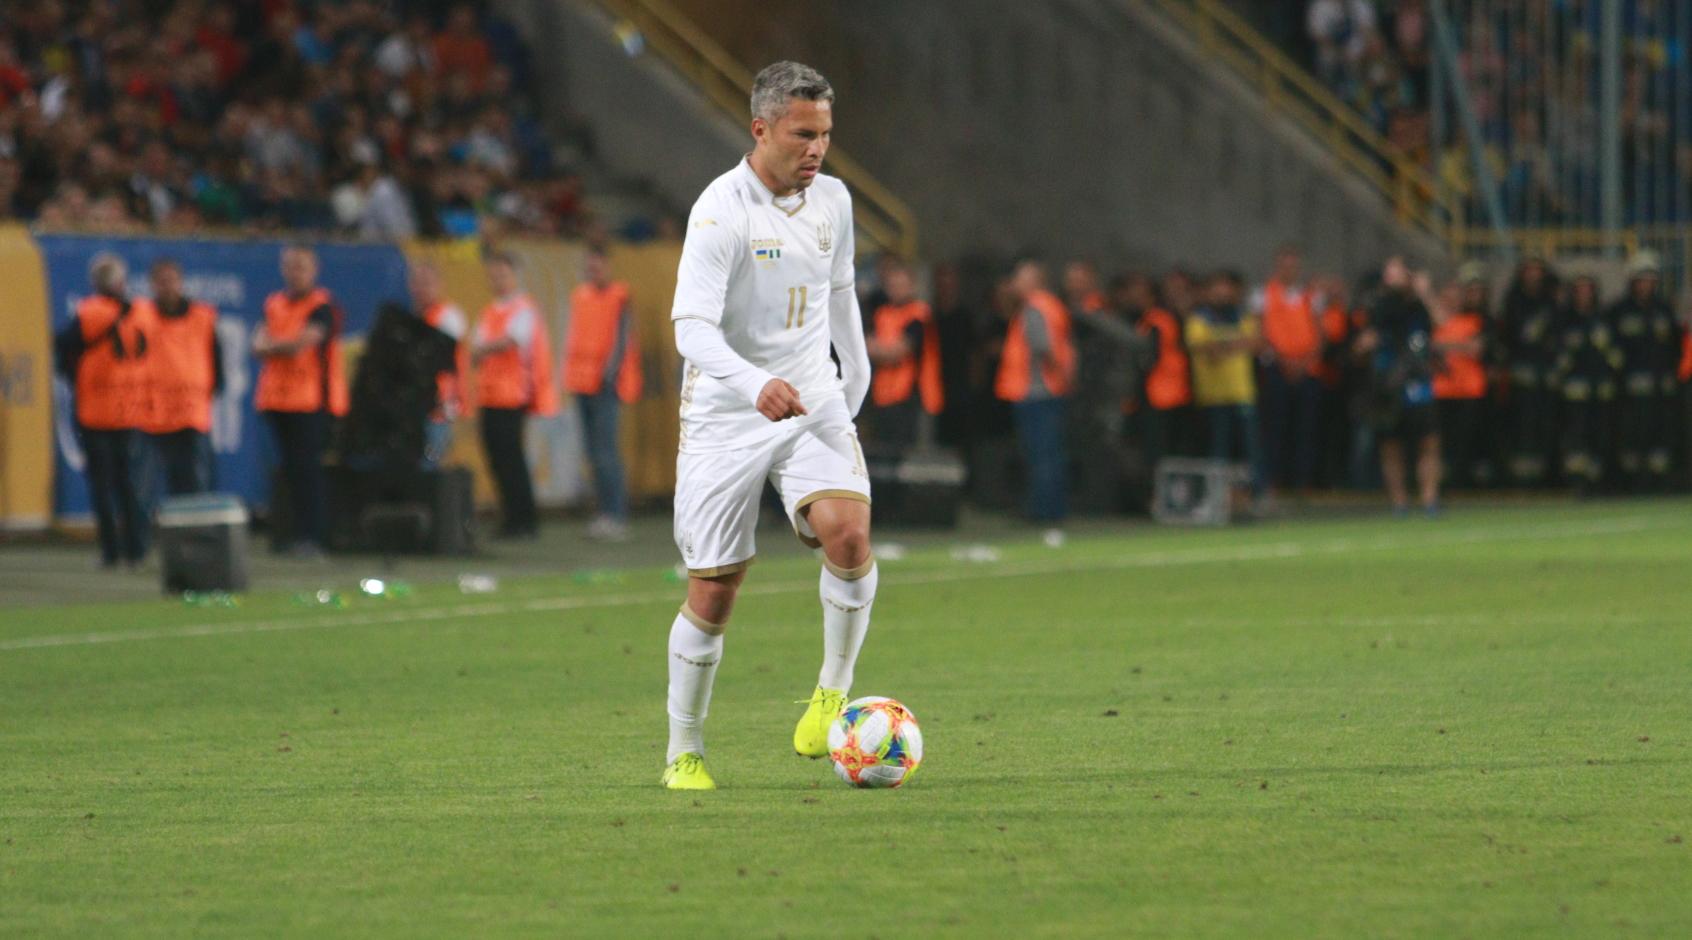 Марлос попал в состав последней команды недели FIFA 19 (Фото)